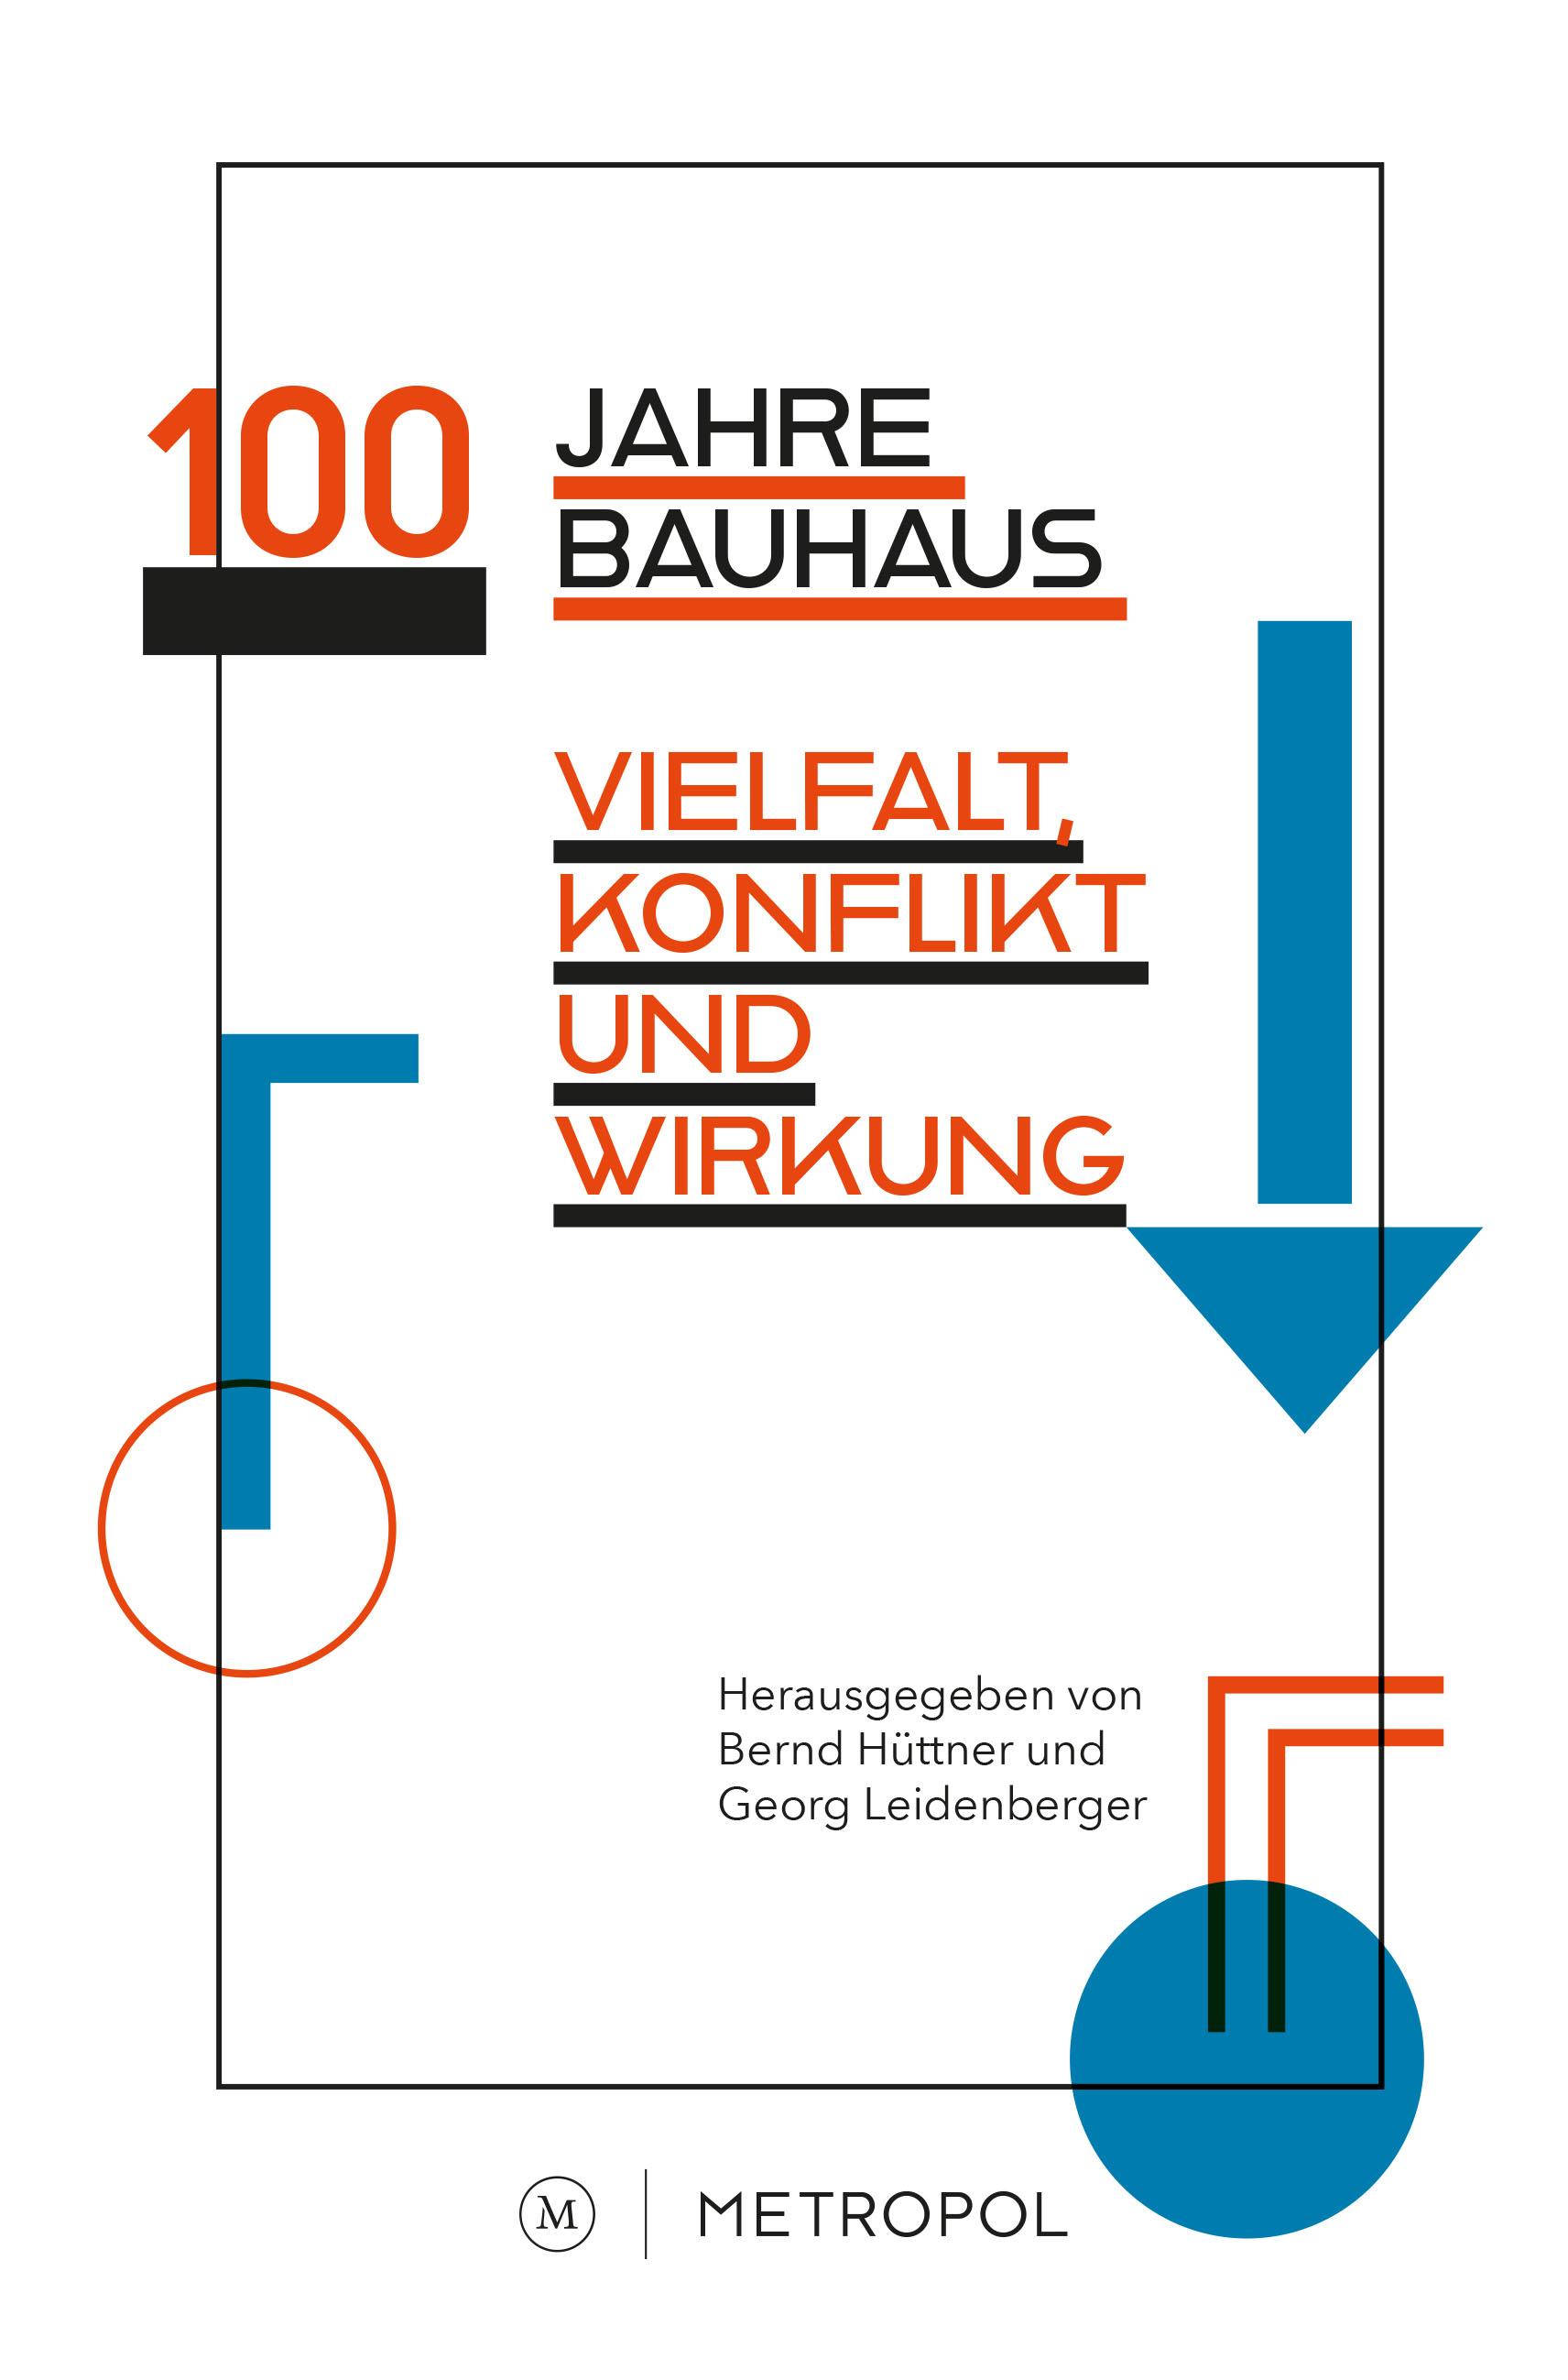 sb_rls_bauhaus buch_u1-4.indd